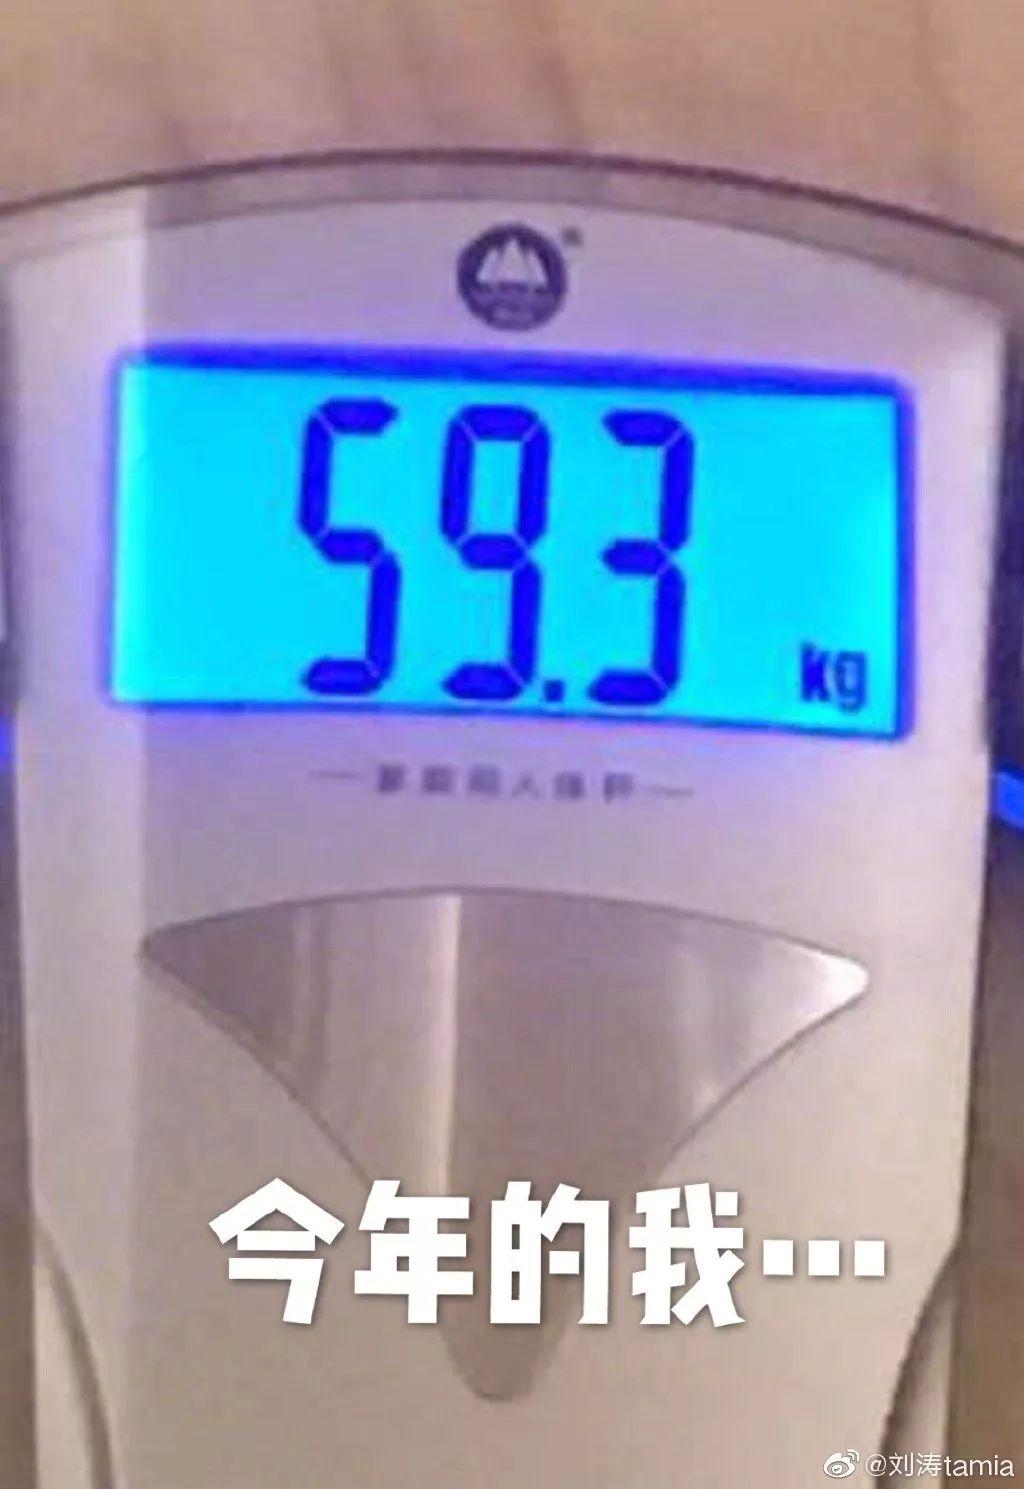 今天少吃一口饭,明天瘦成杨幂只是梦?